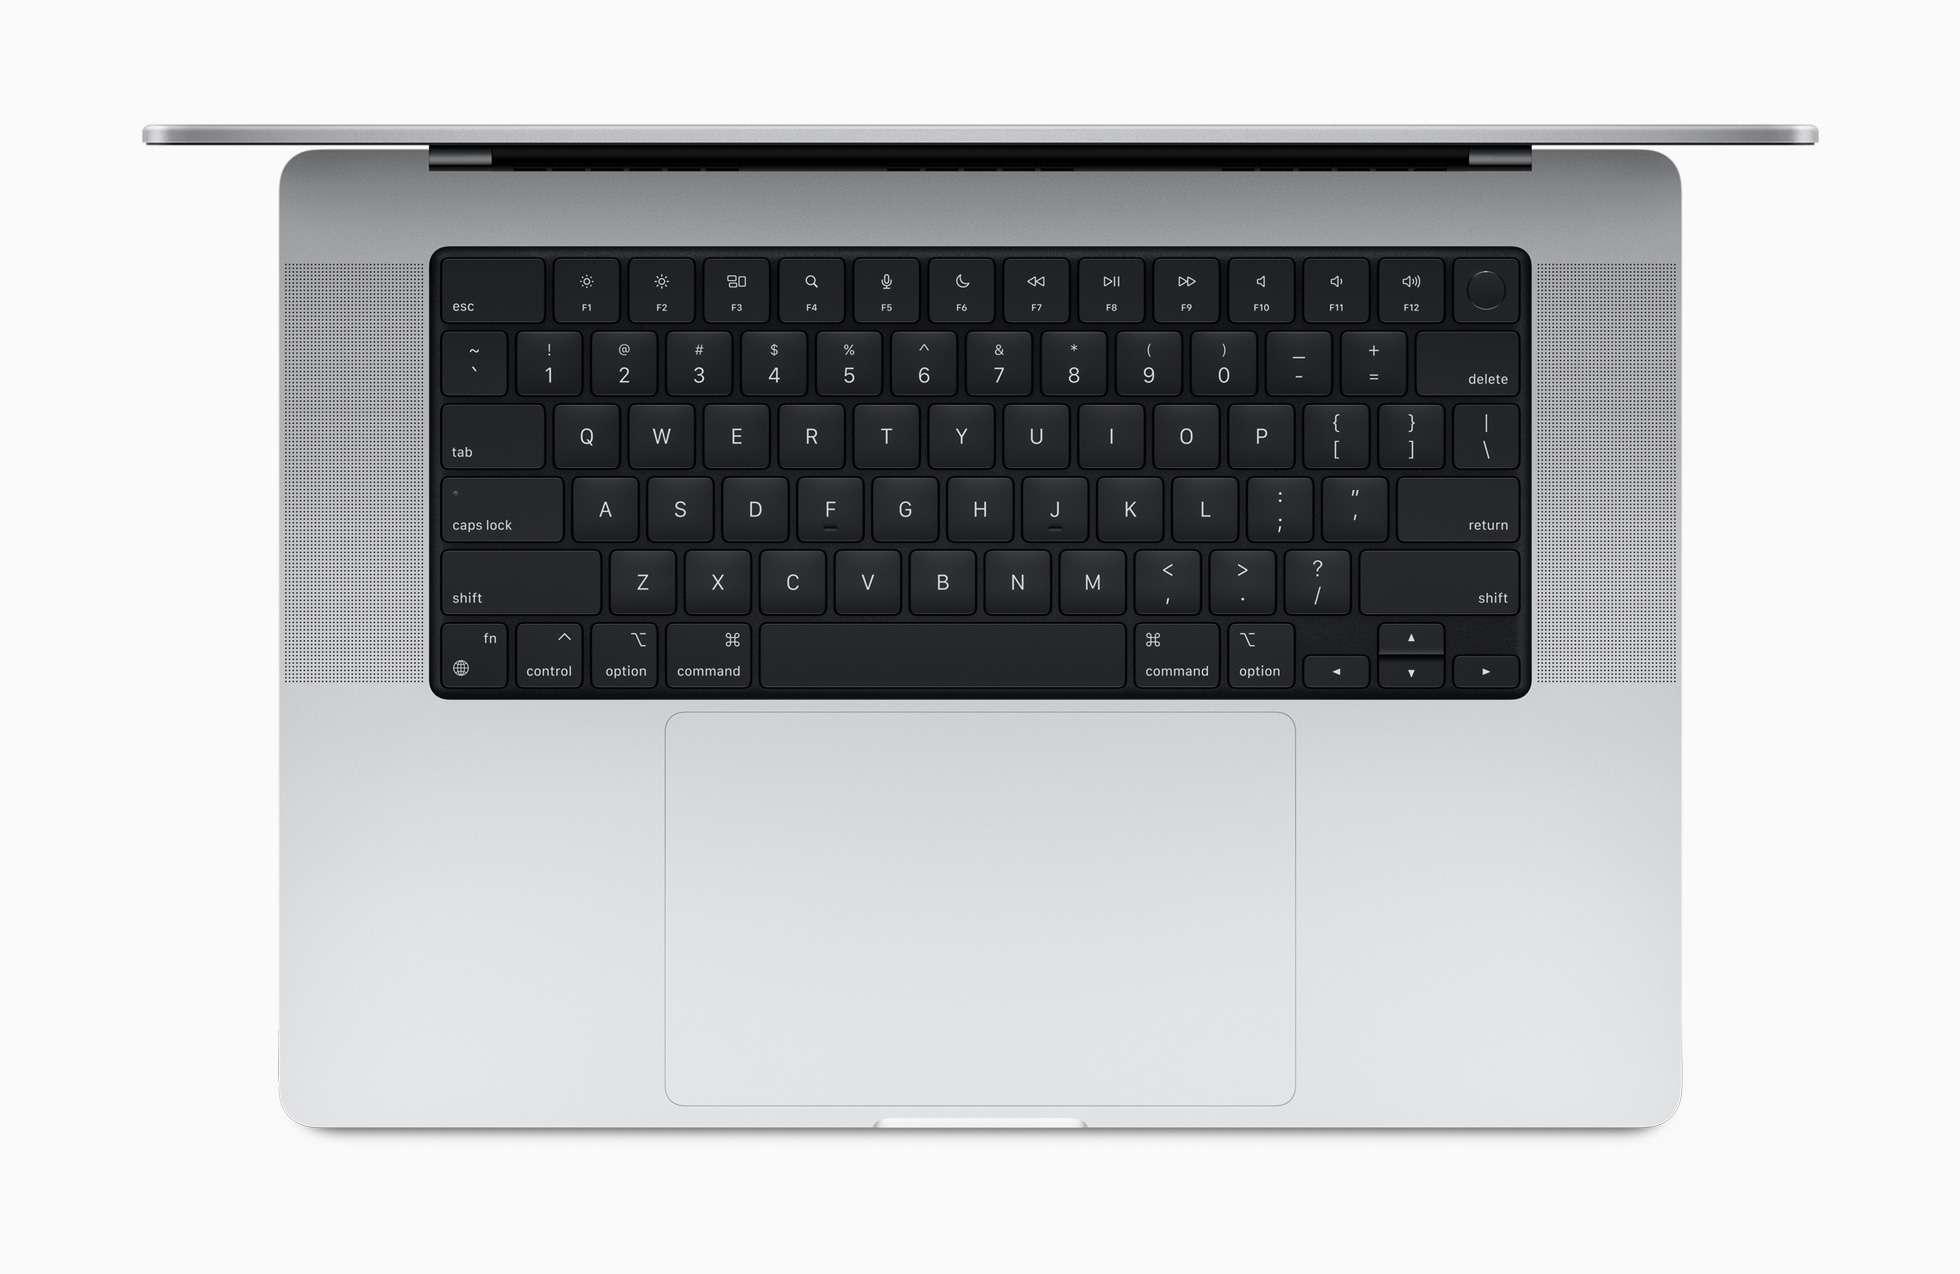 2021 MacBook Pro keyboard